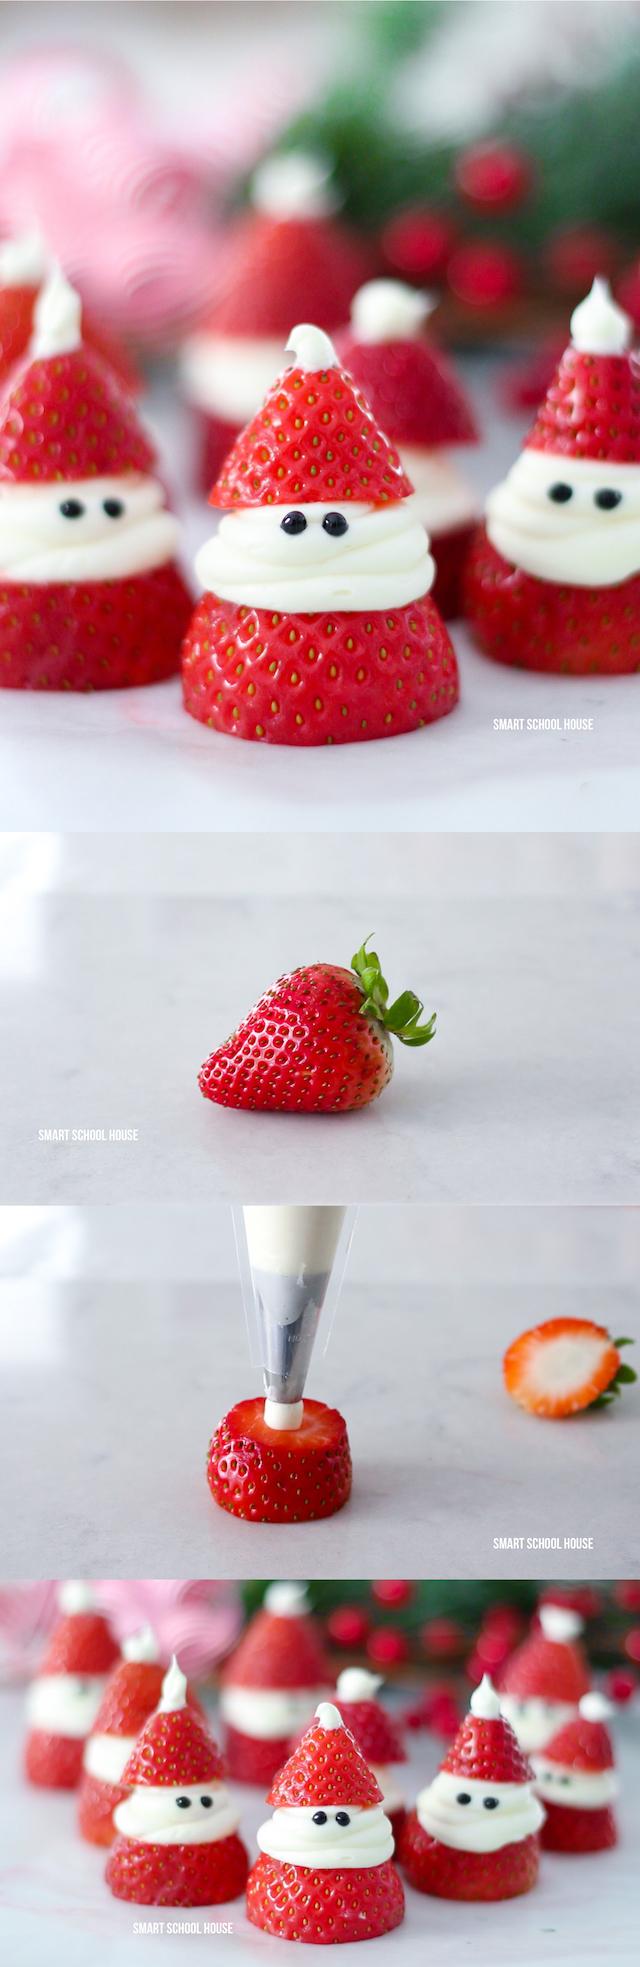 Strawberry sanatas long.jpg